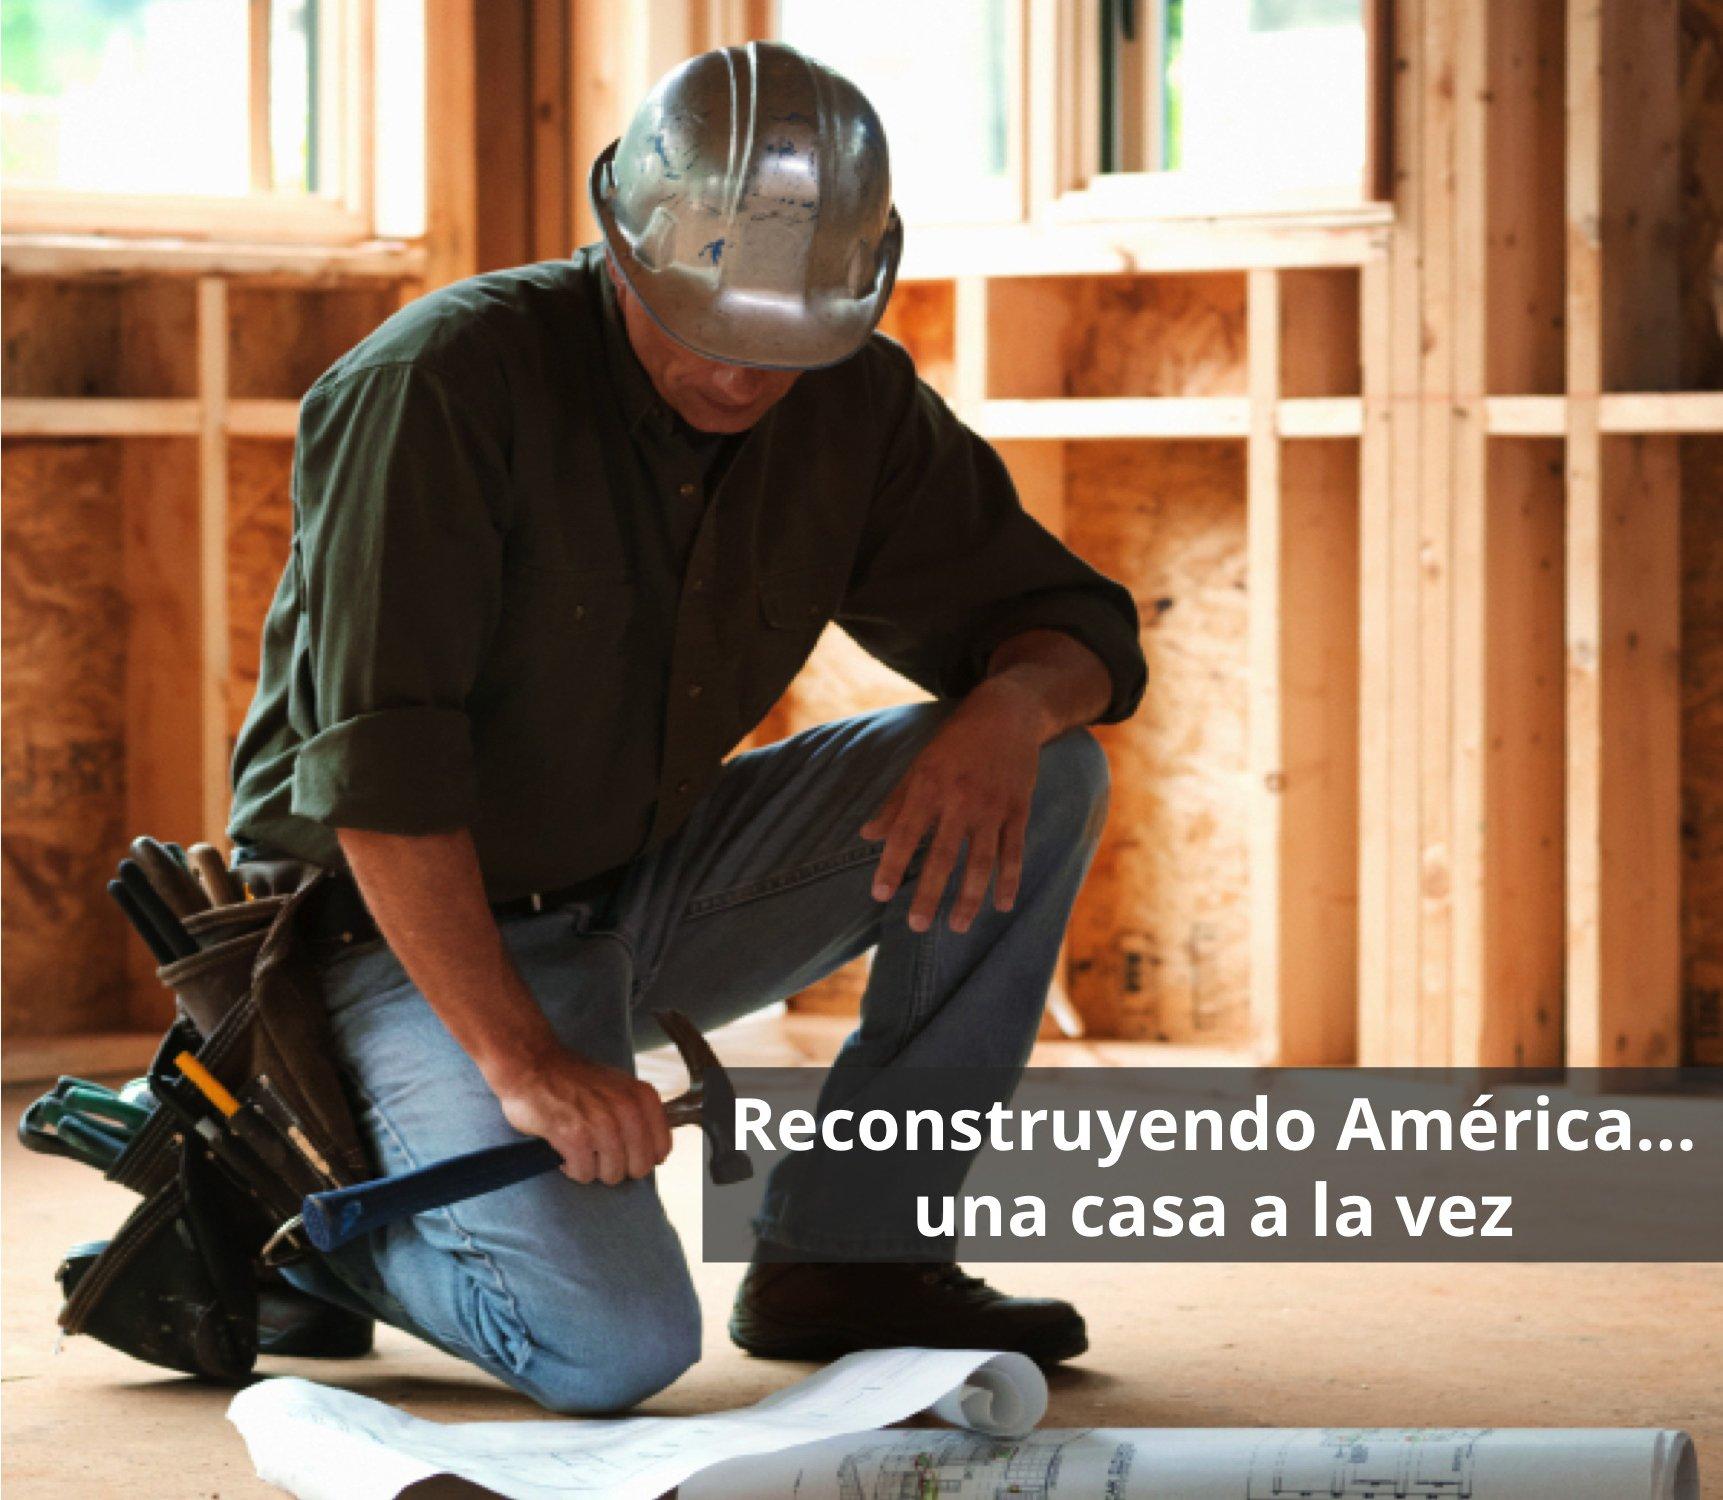 Reconstruyendo América, una casa a la vez| Simplifying The Market